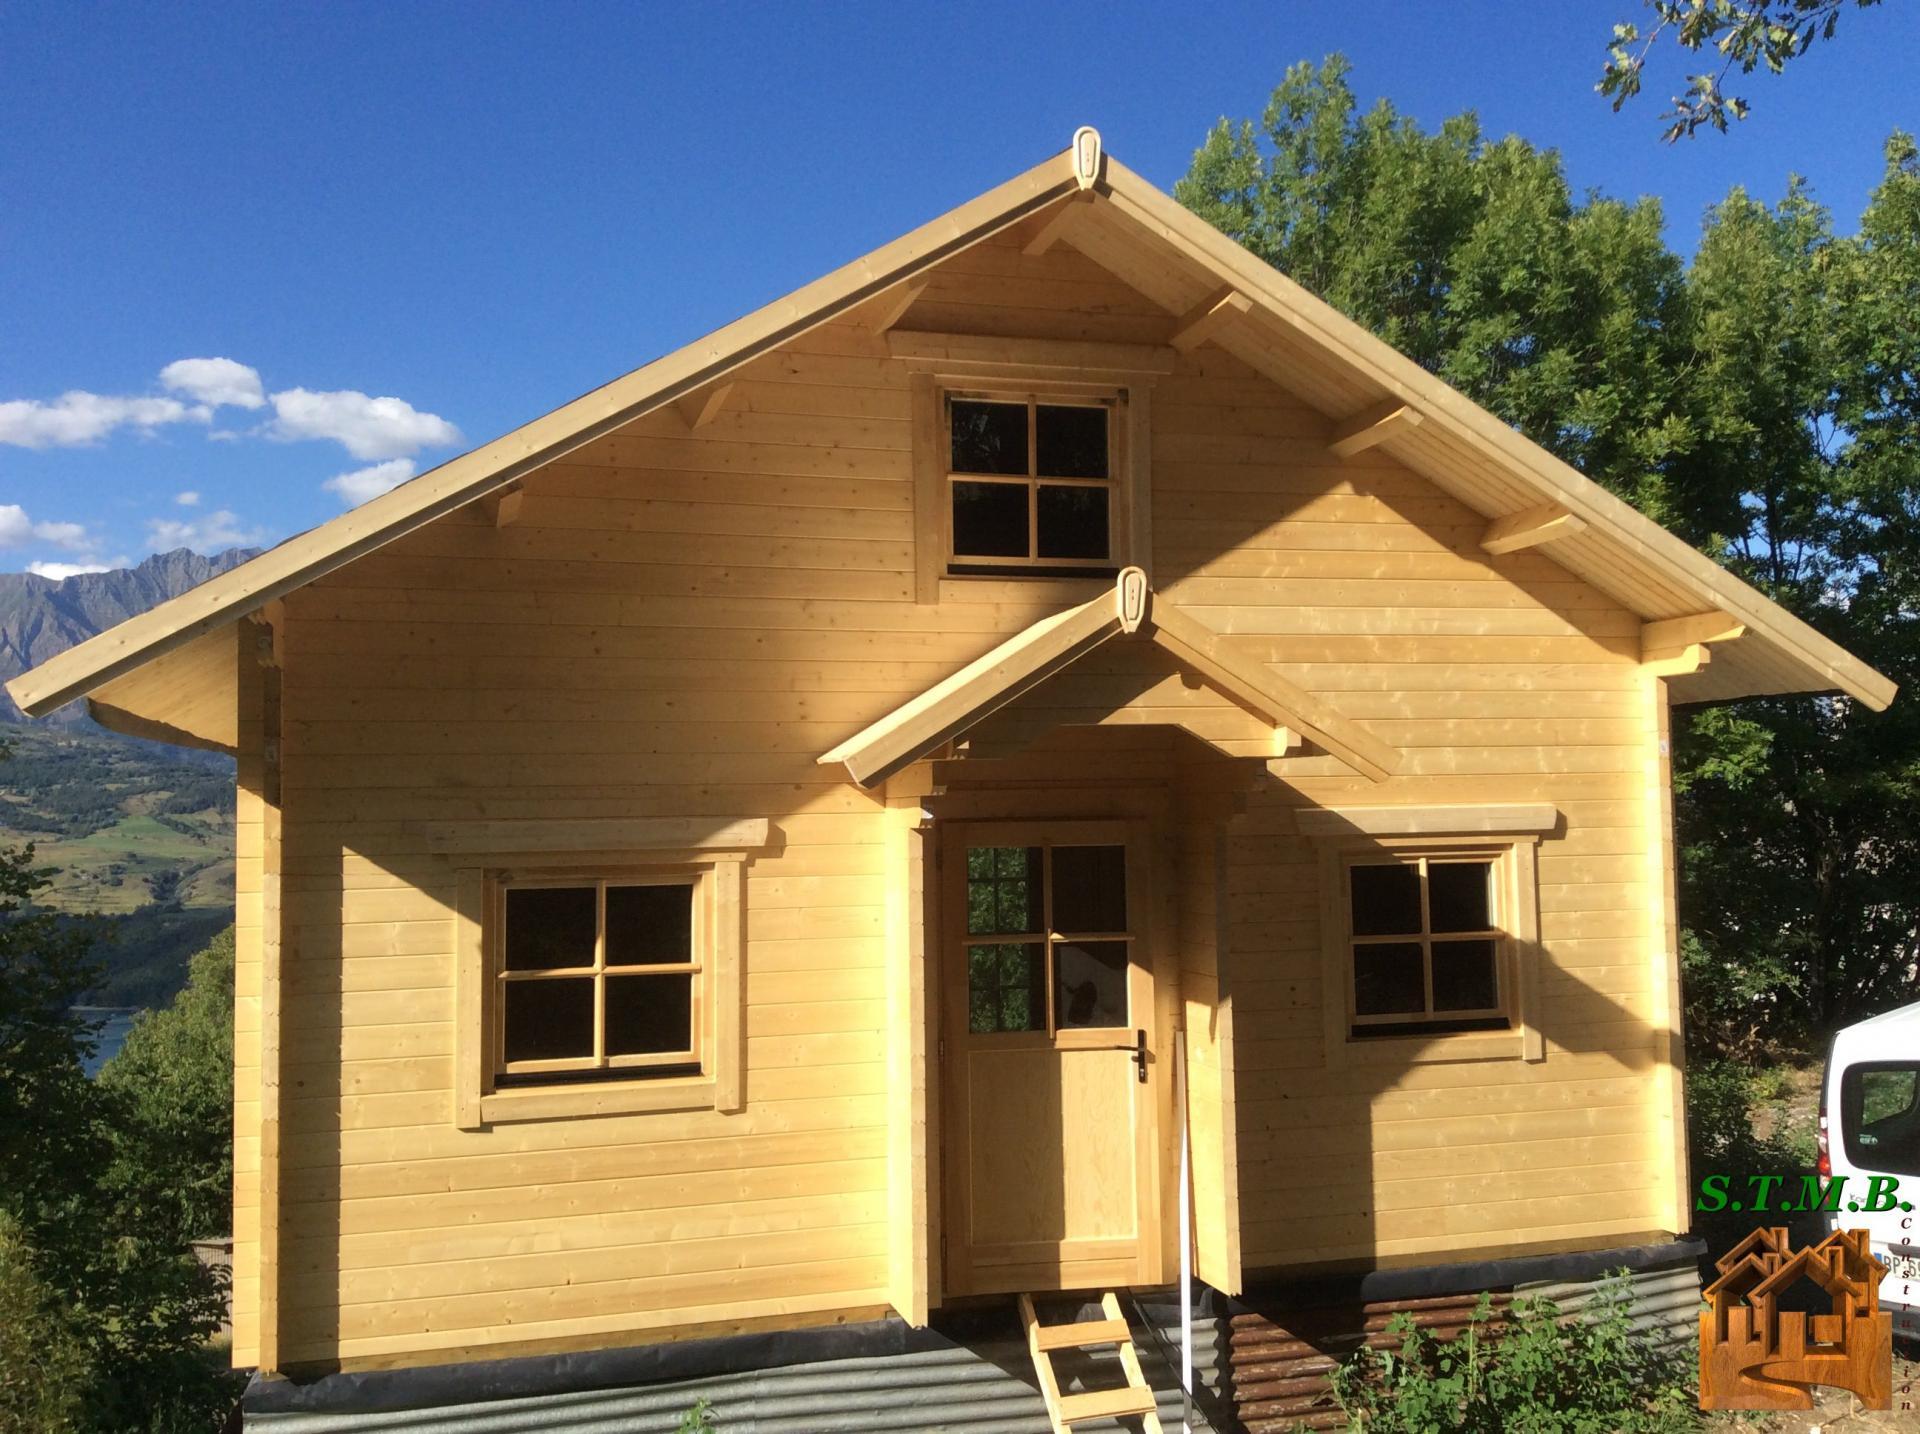 Stmb Construction, Maison De Jardin Et Chalet Habitable En Bois intérieur Le Bon Coin 40 Abri De Jardin Occasion Particulier